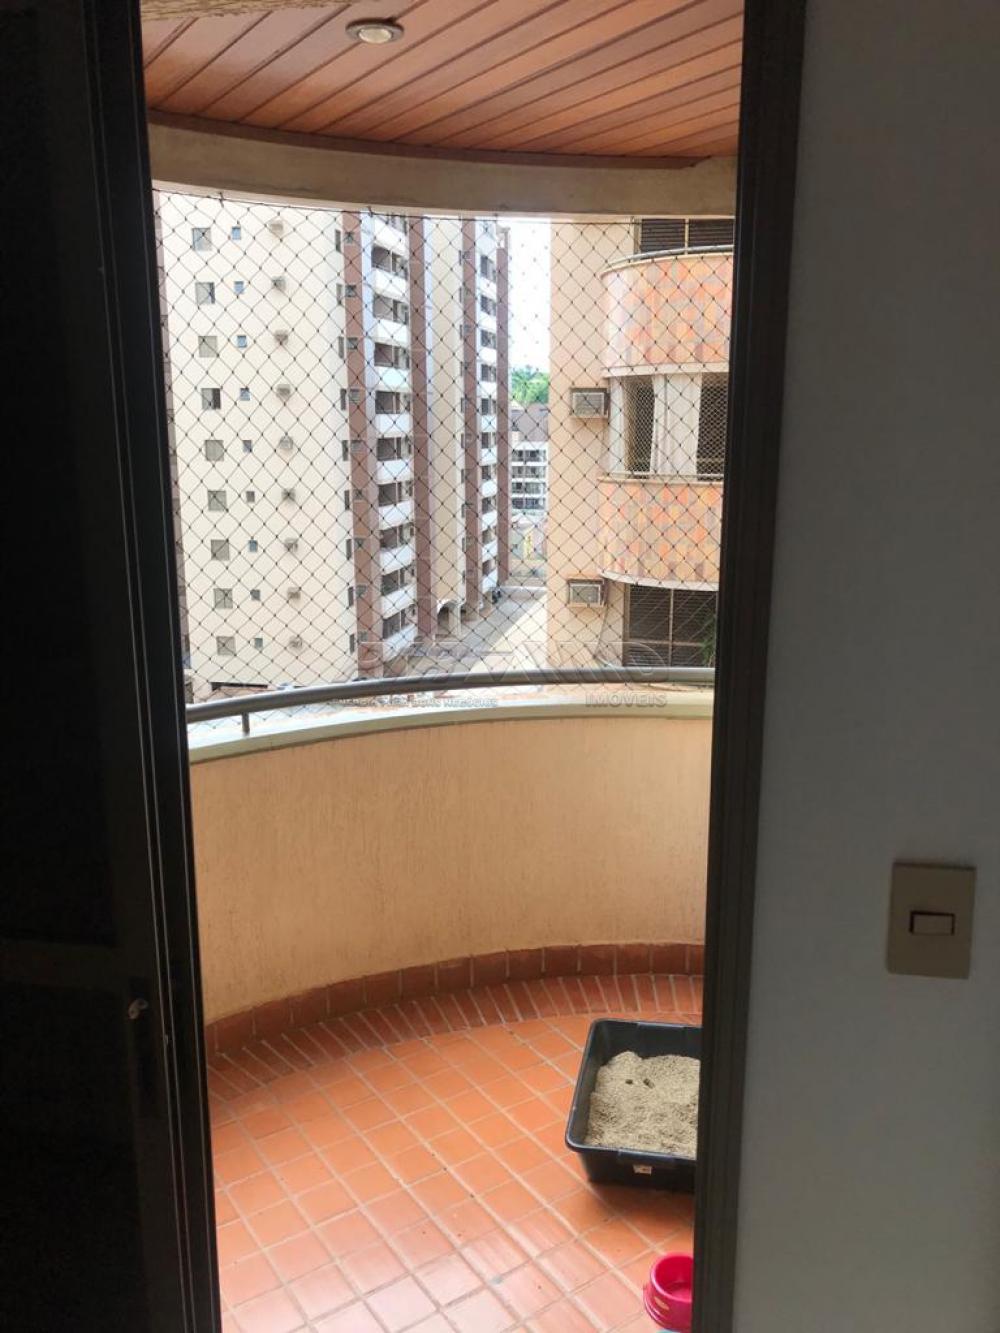 Comprar Apartamento / Padrão em Ribeirão Preto apenas R$ 550.000,00 - Foto 17